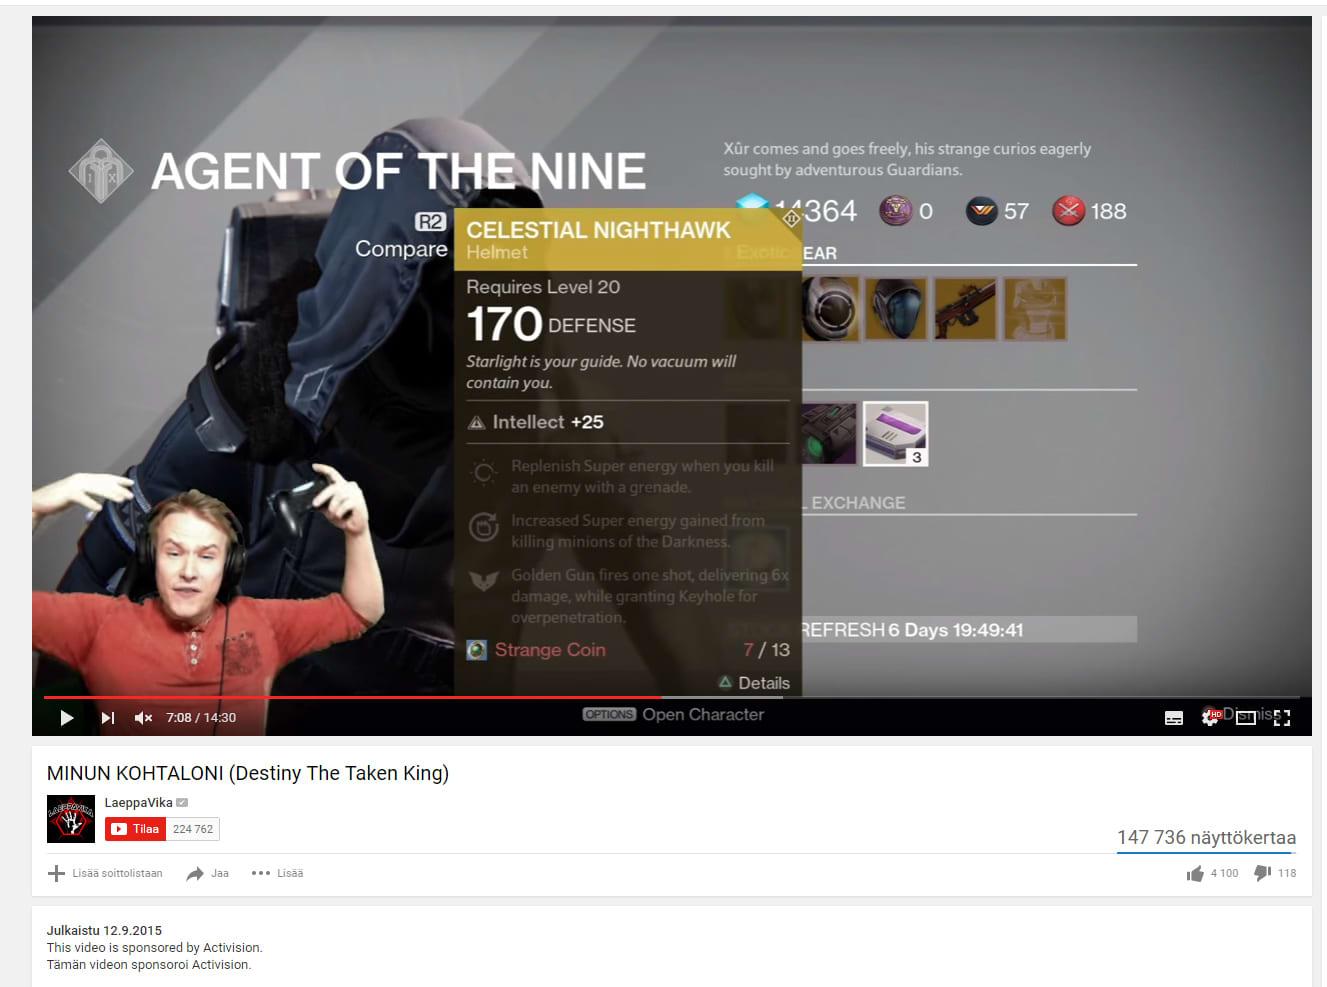 """Kuvankaappaus Laeppavika -vloggaajan videosta """"Minun kohtaloni (Destiny The Taken King)."""